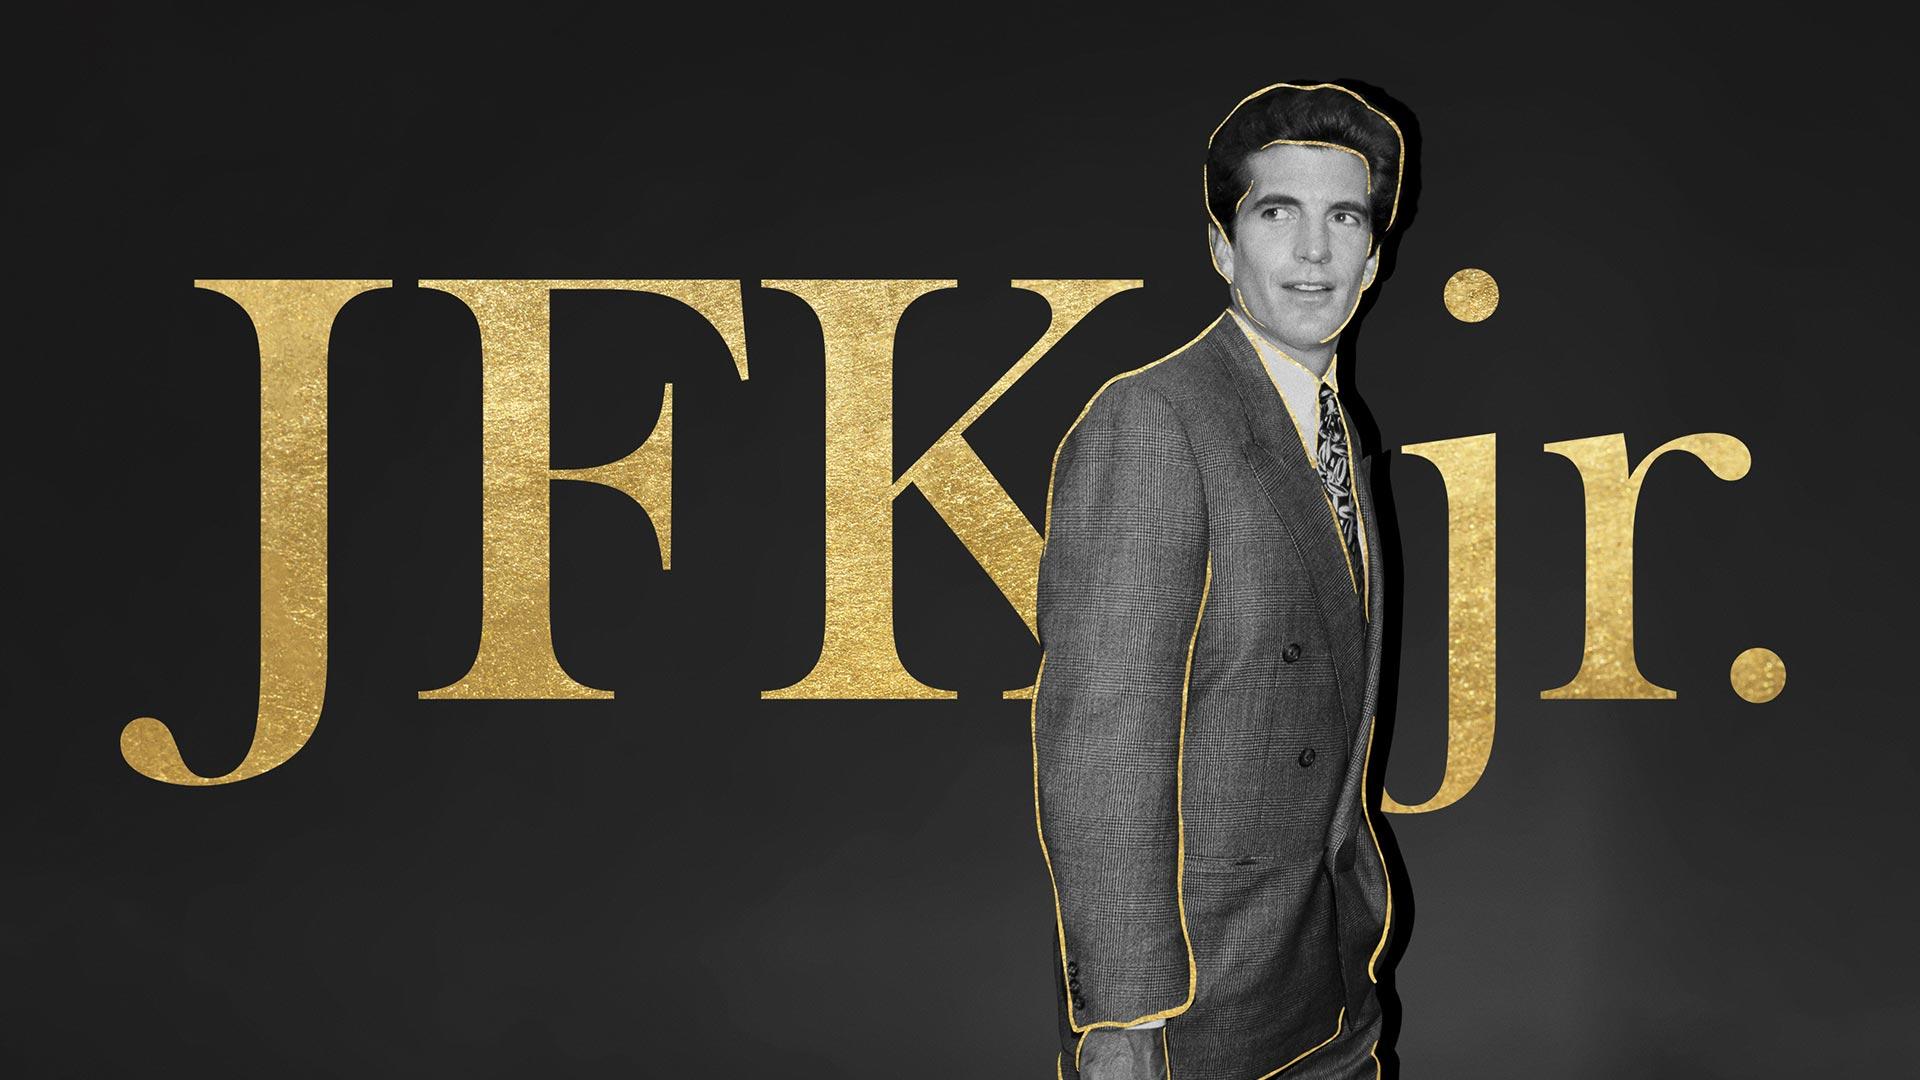 Biography: JFK Jr. The Final Year Season 1